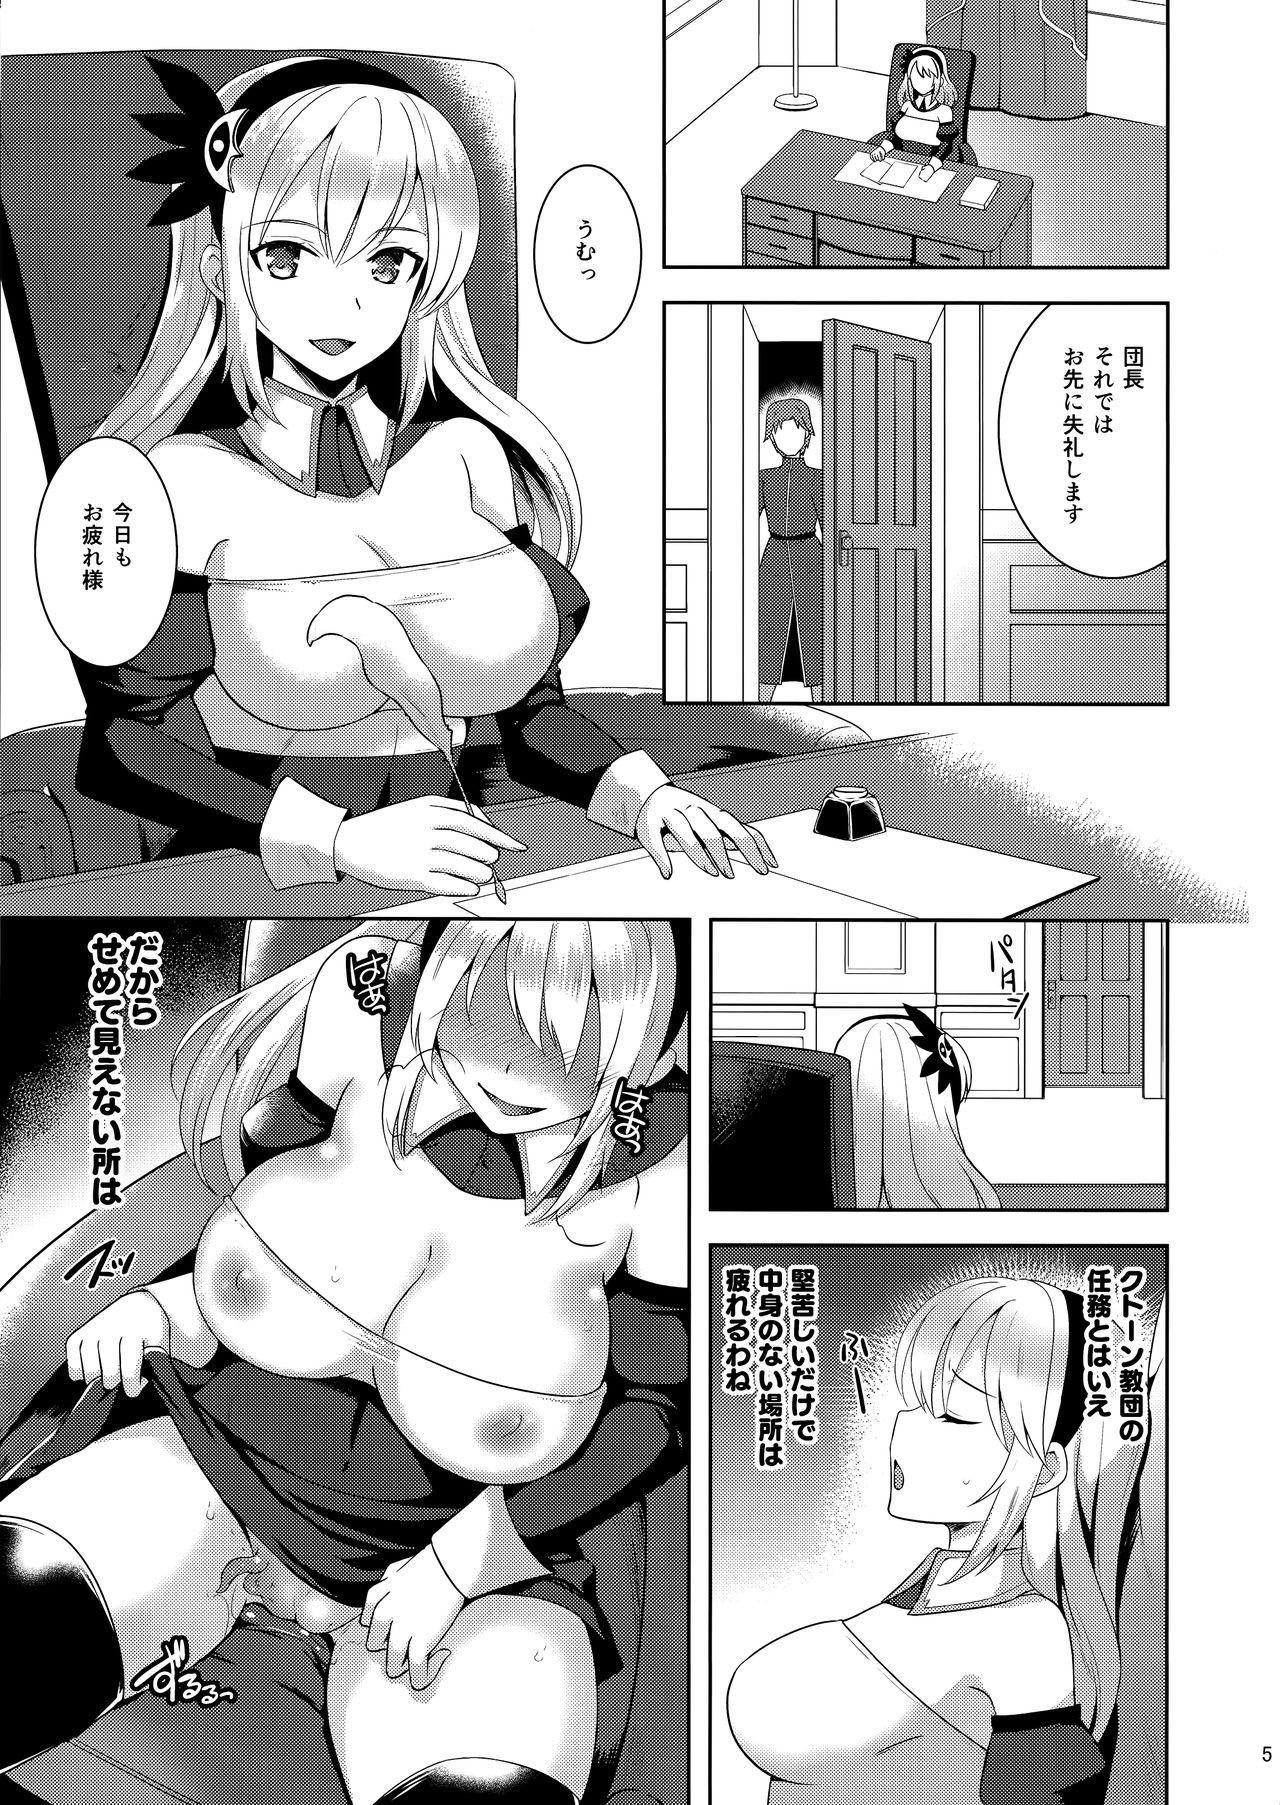 Infection Shinmai Kishi Lavinia no Junan 3